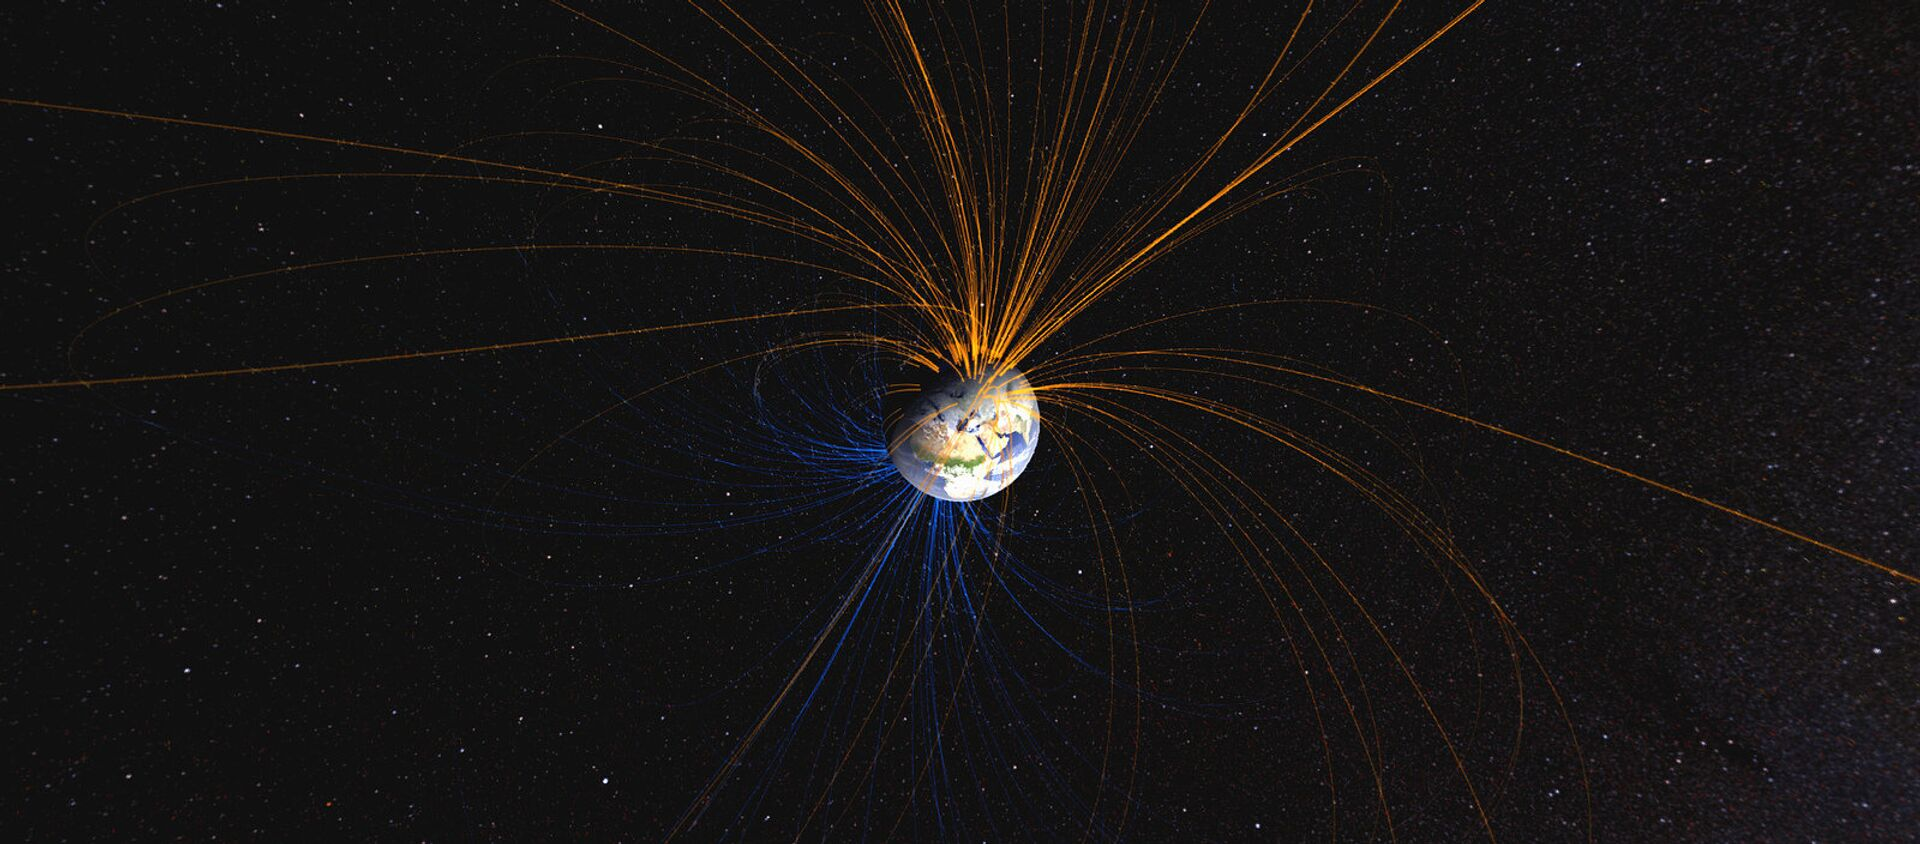 Il campo magnetico della Terra - Sputnik Italia, 1920, 08.10.2019